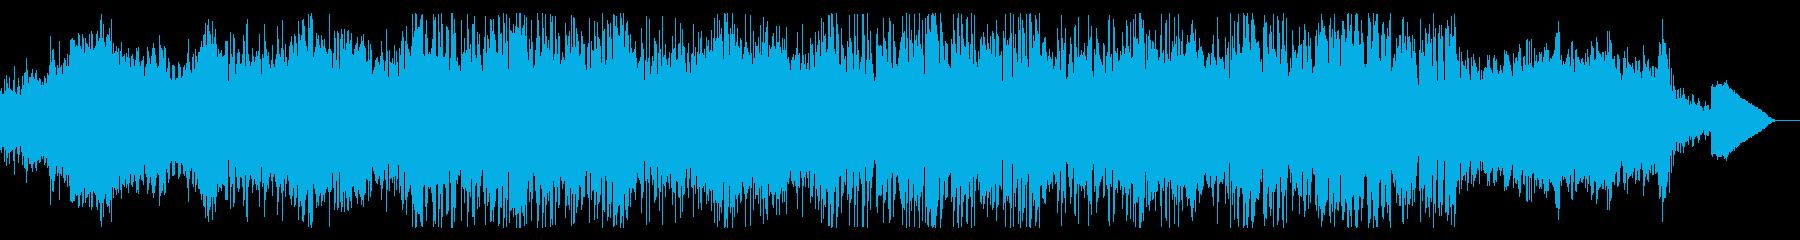 ディープなテクスチャドローンの再生済みの波形